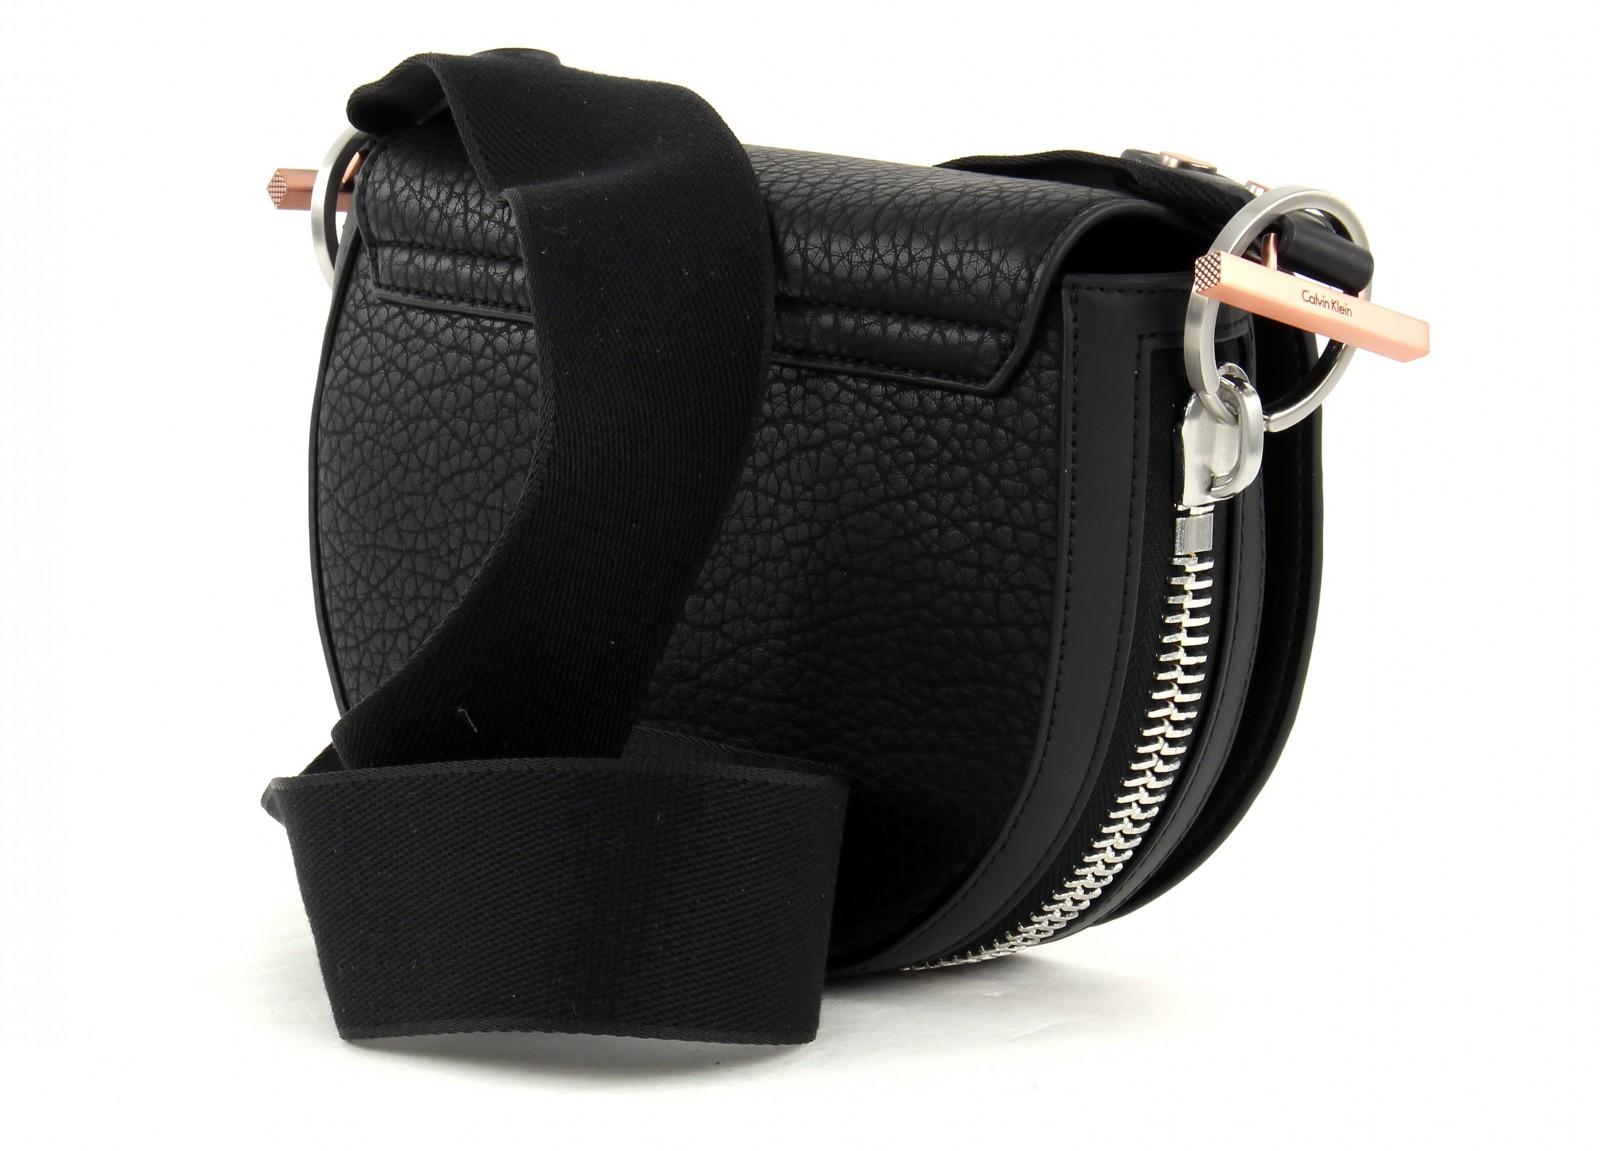 calvin klein shoulder bag quinn saddle black. Black Bedroom Furniture Sets. Home Design Ideas